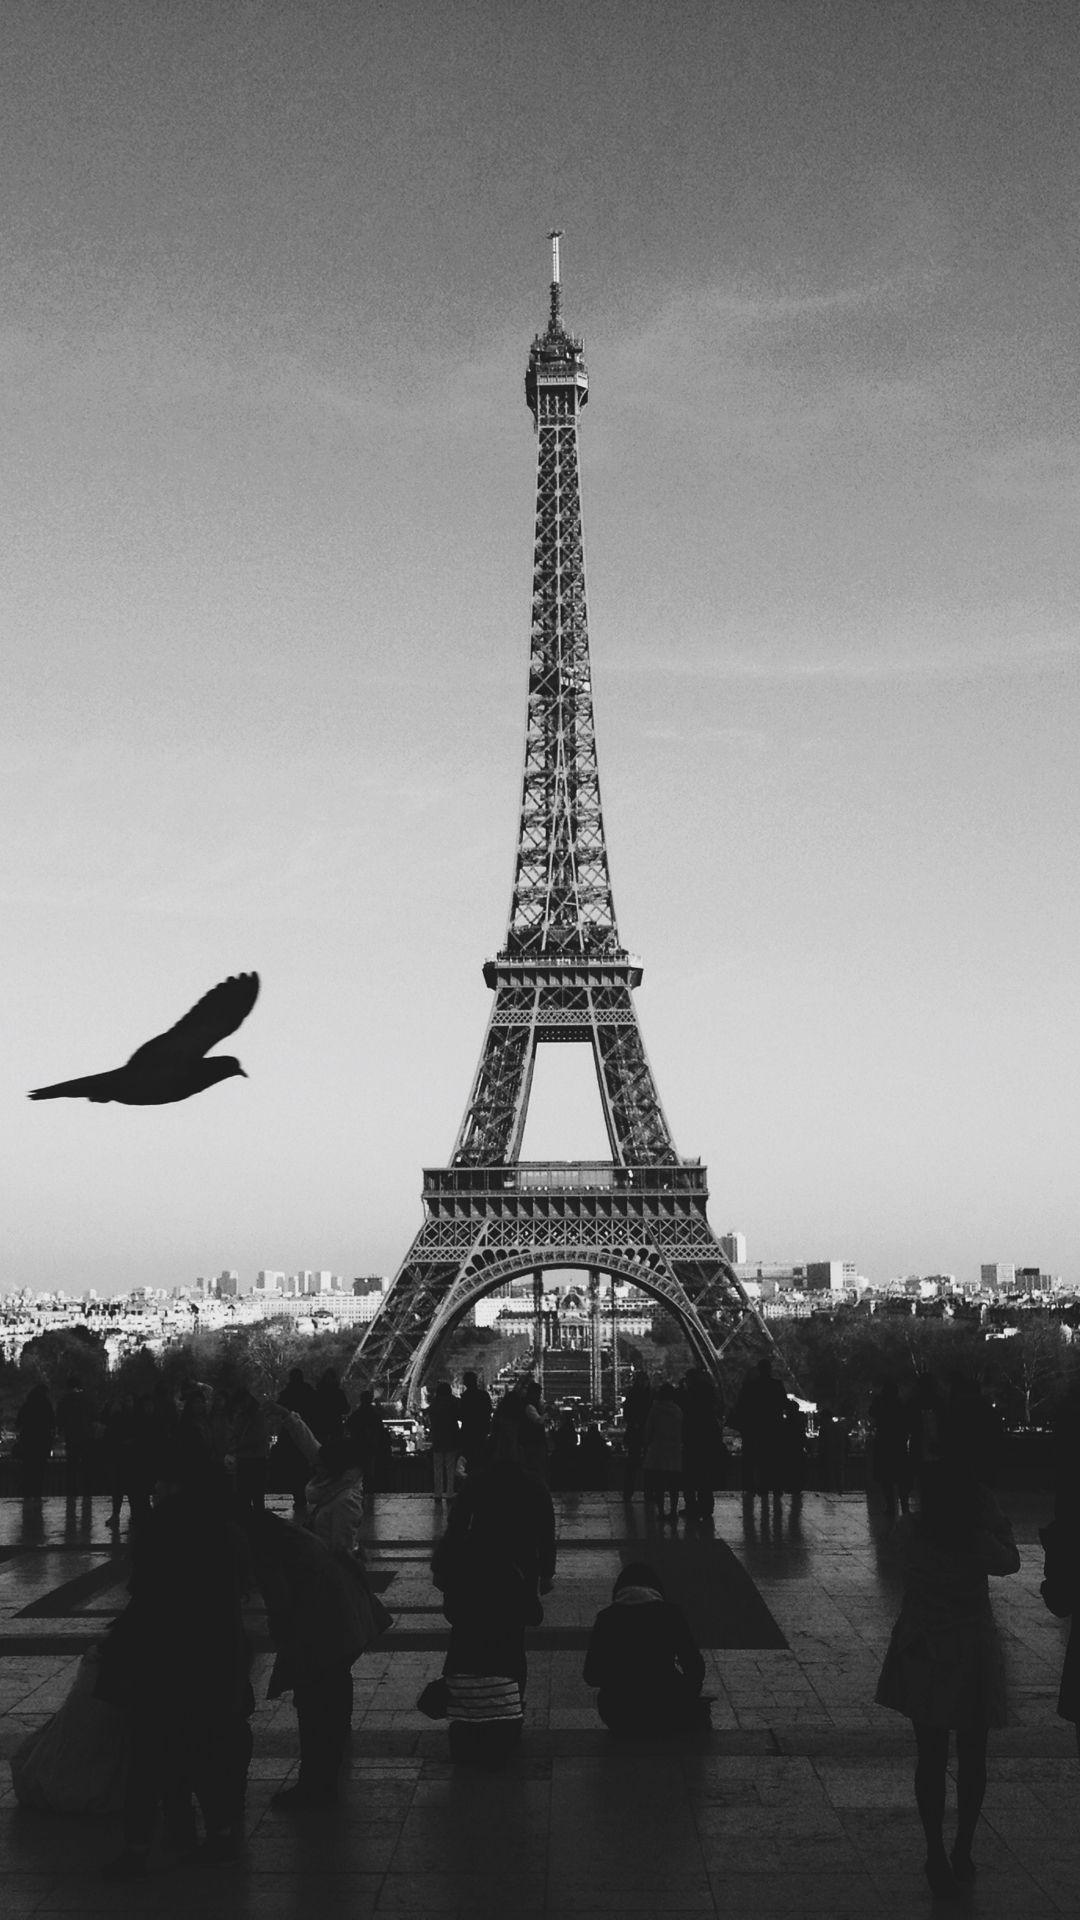 Paris Black And White Wallpaper Ios Paris Black And White White Wallpaper Black And White Wallpaper